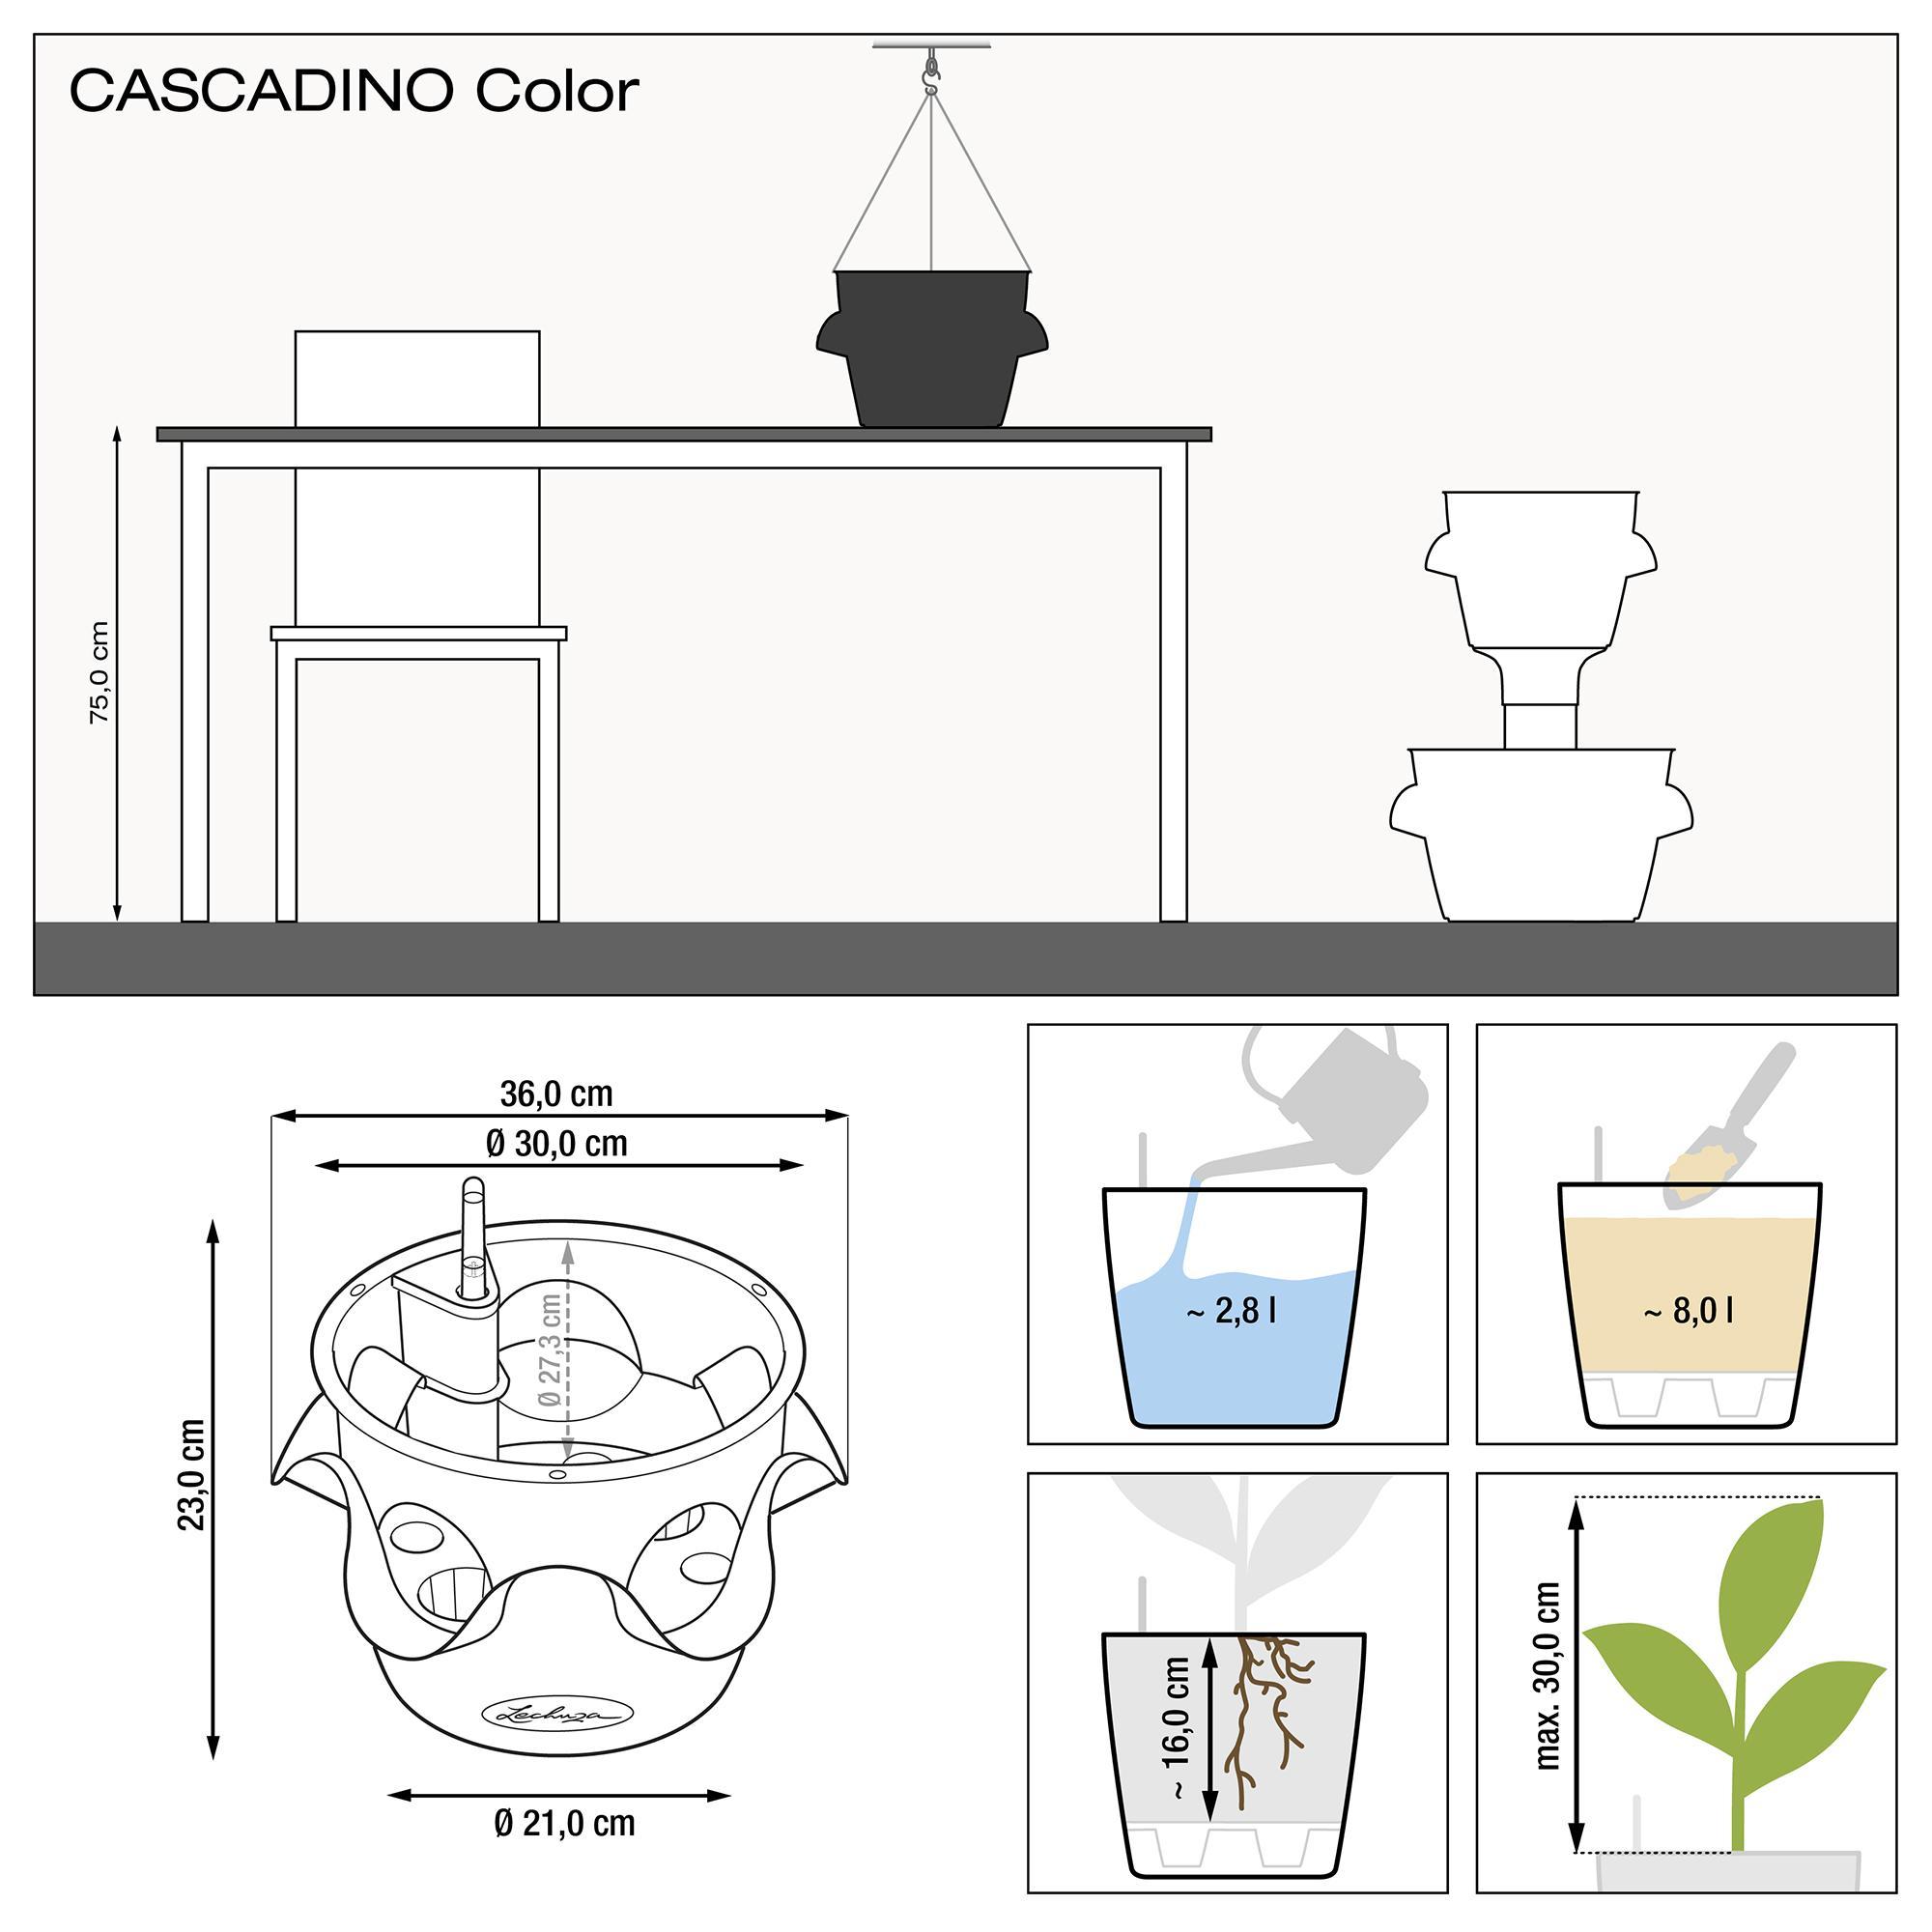 le_cascadino-color36-H_product_addi_nz